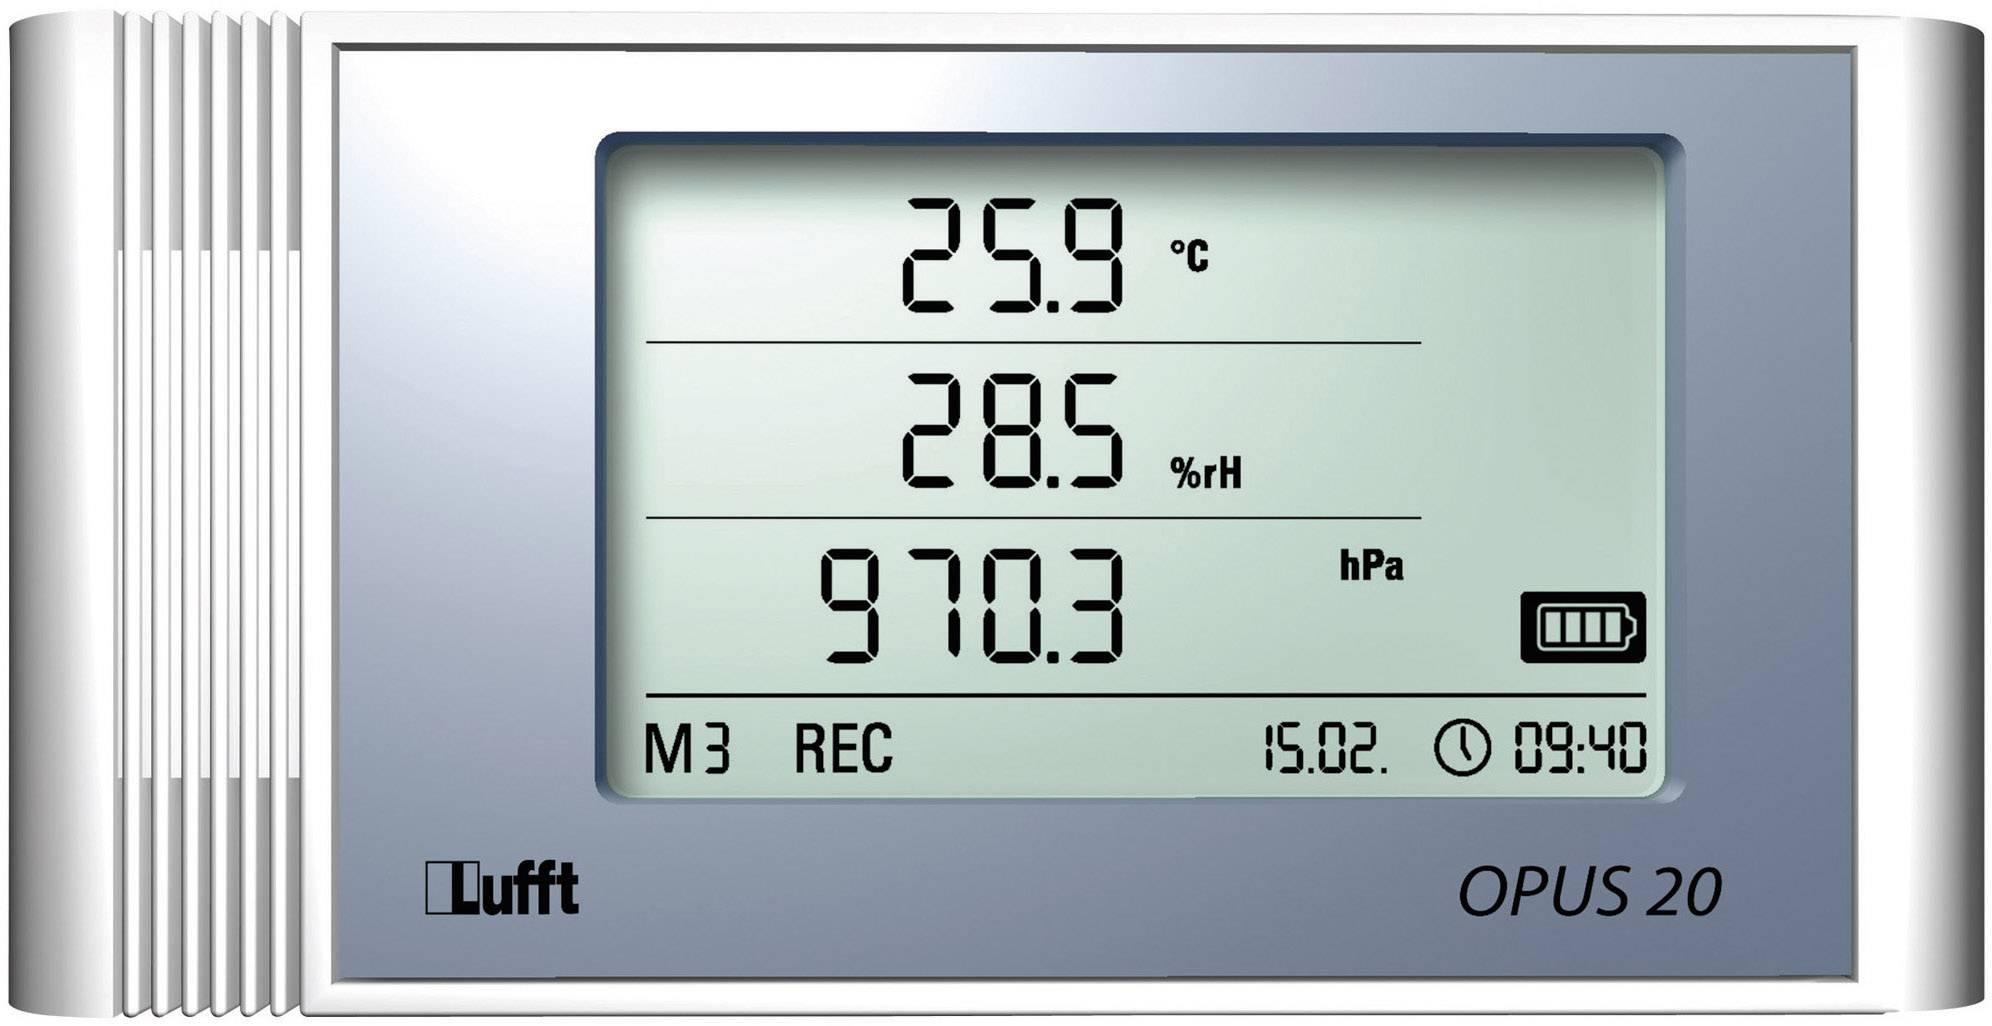 Teplotný/vlhkostný datalogger Lufft Opus20 Thipe, -20 až 50 °C